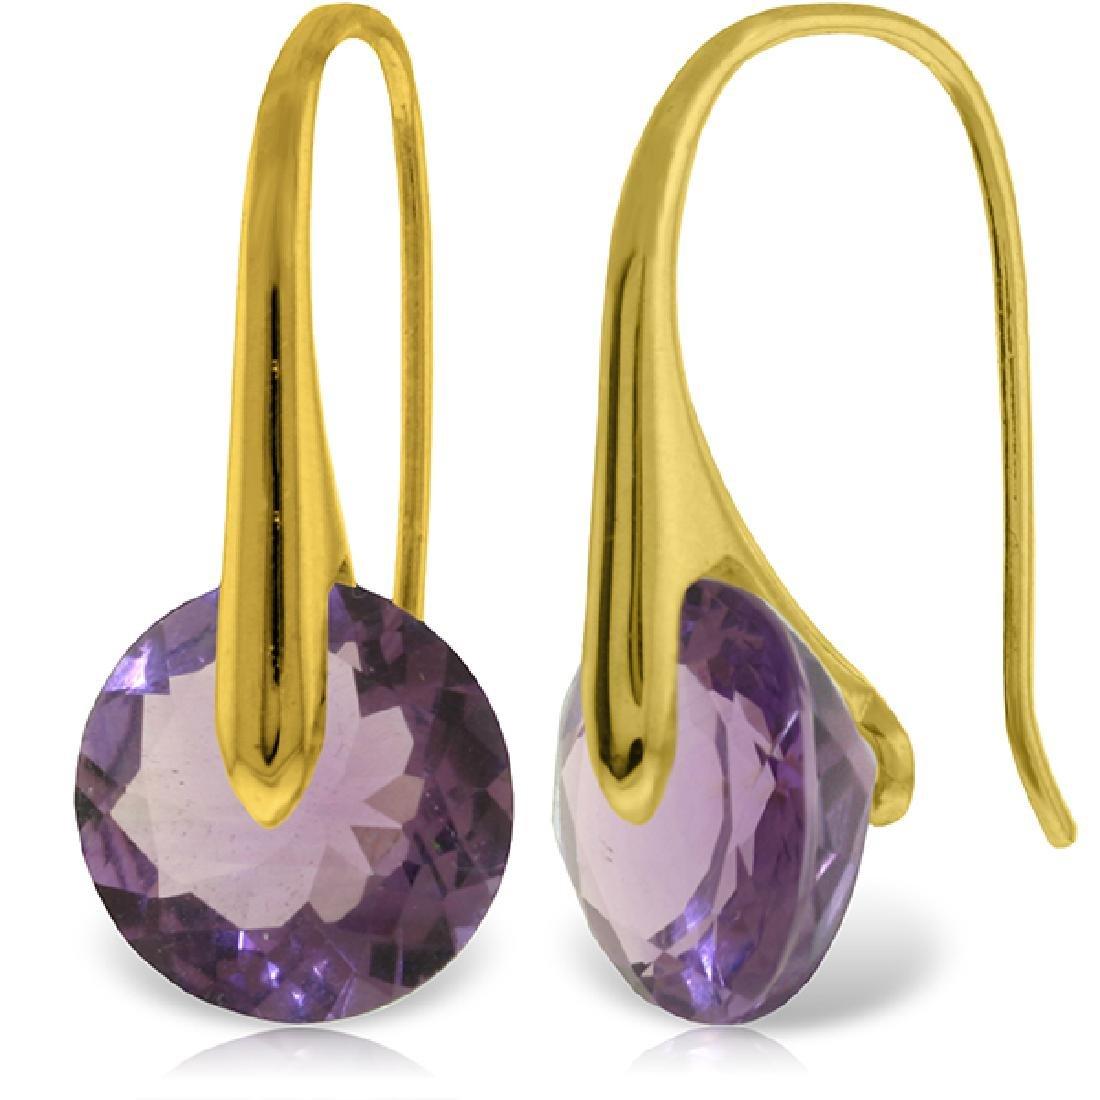 Genuine 11.50 ctw Amethyst Earrings Jewelry 14KT Yellow